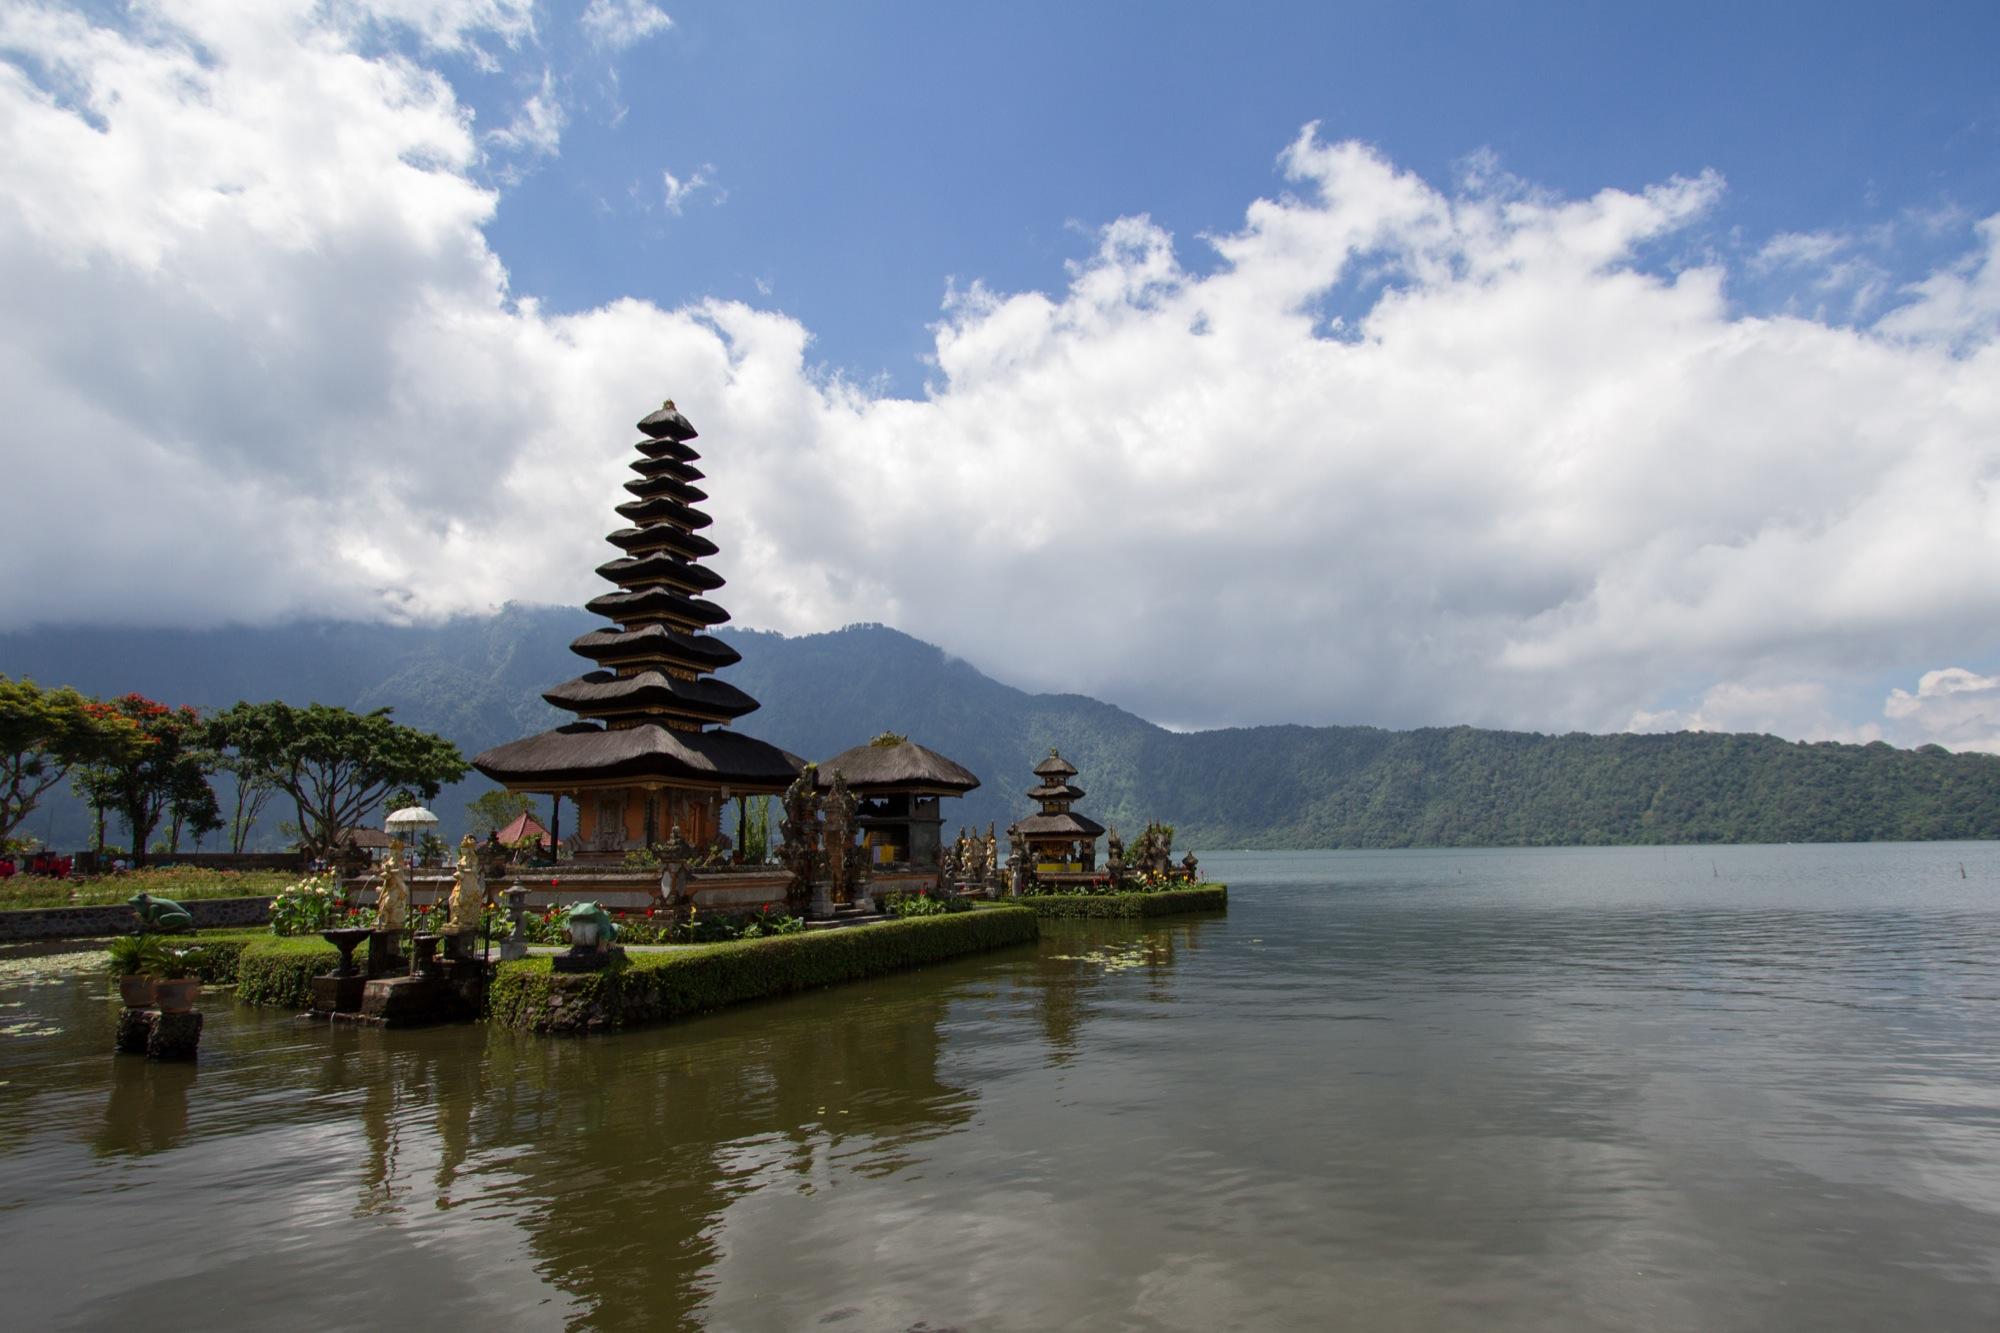 voyage-indonesie-ulun-danu-9